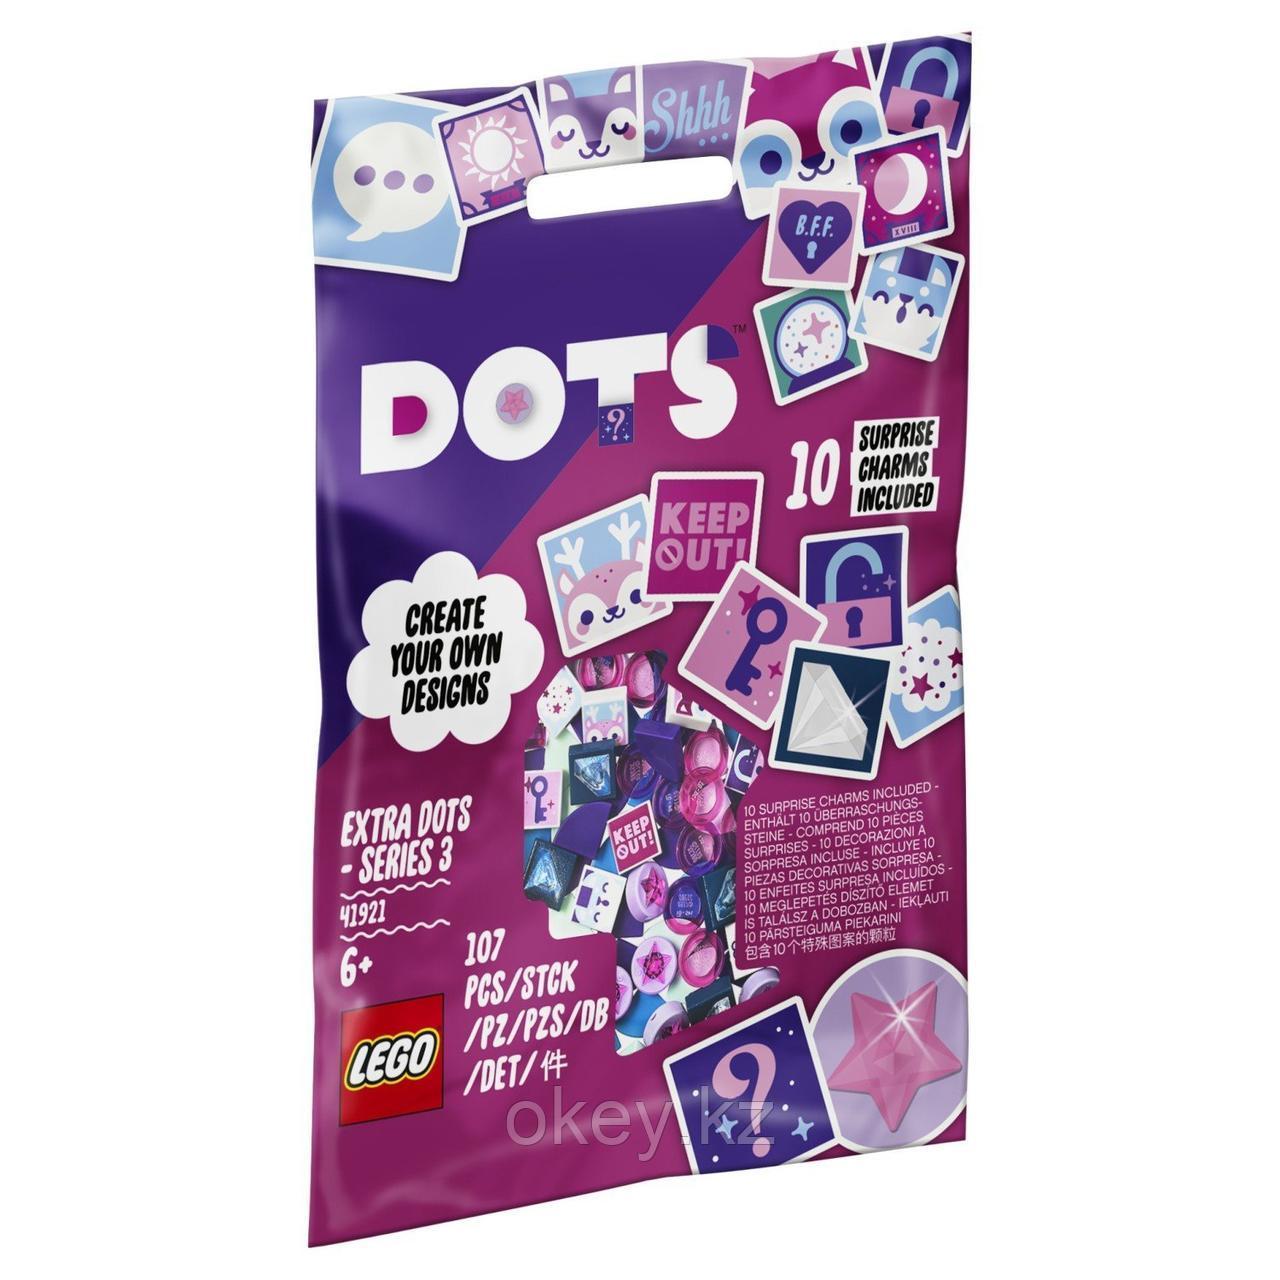 LEGO Dots: Тайлы — серия 3, 41921